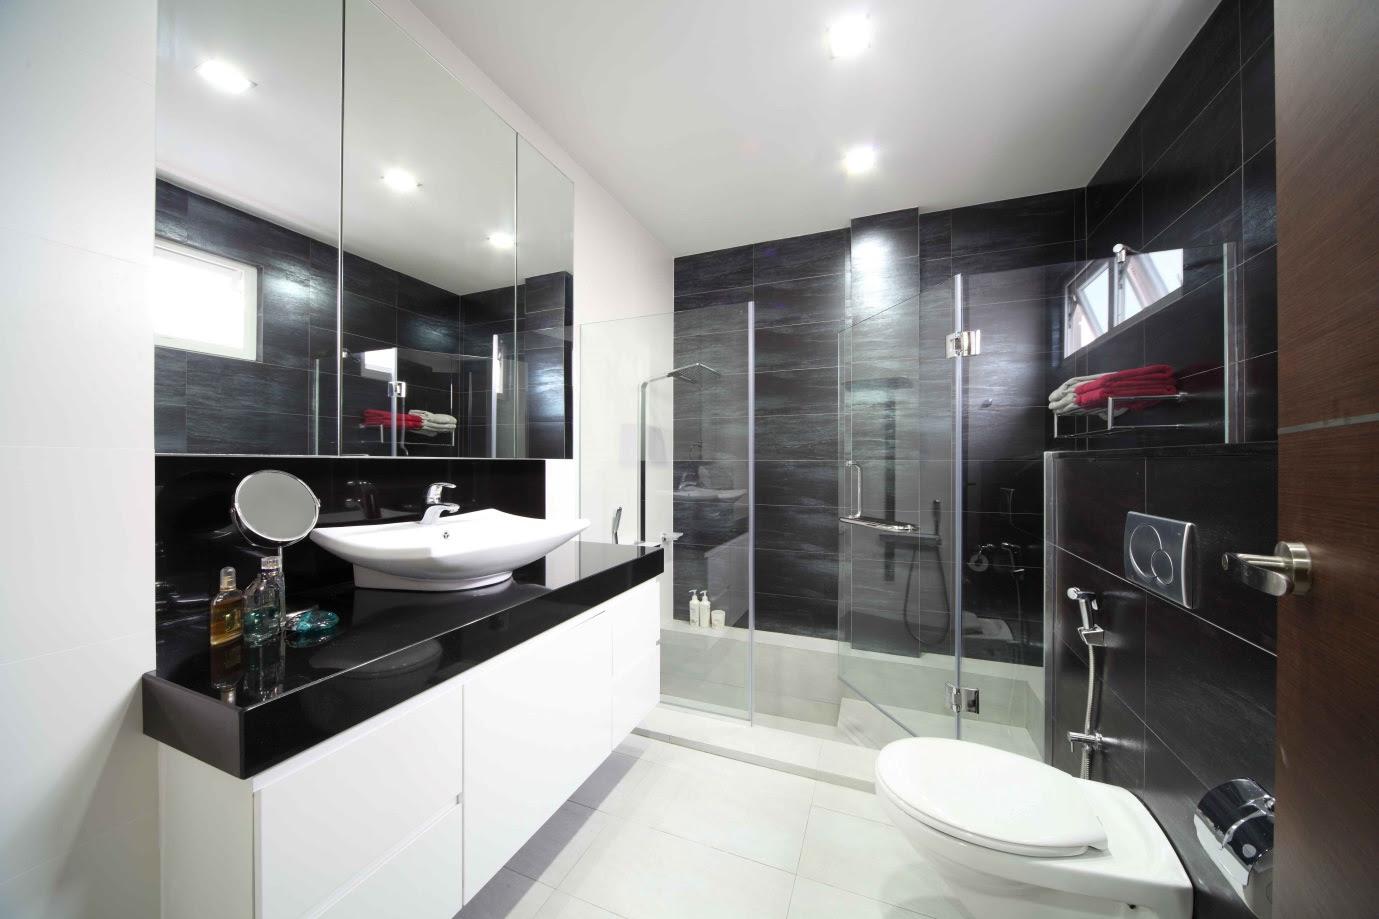 Landed Property Living Room Interior Design Singapore | Landed